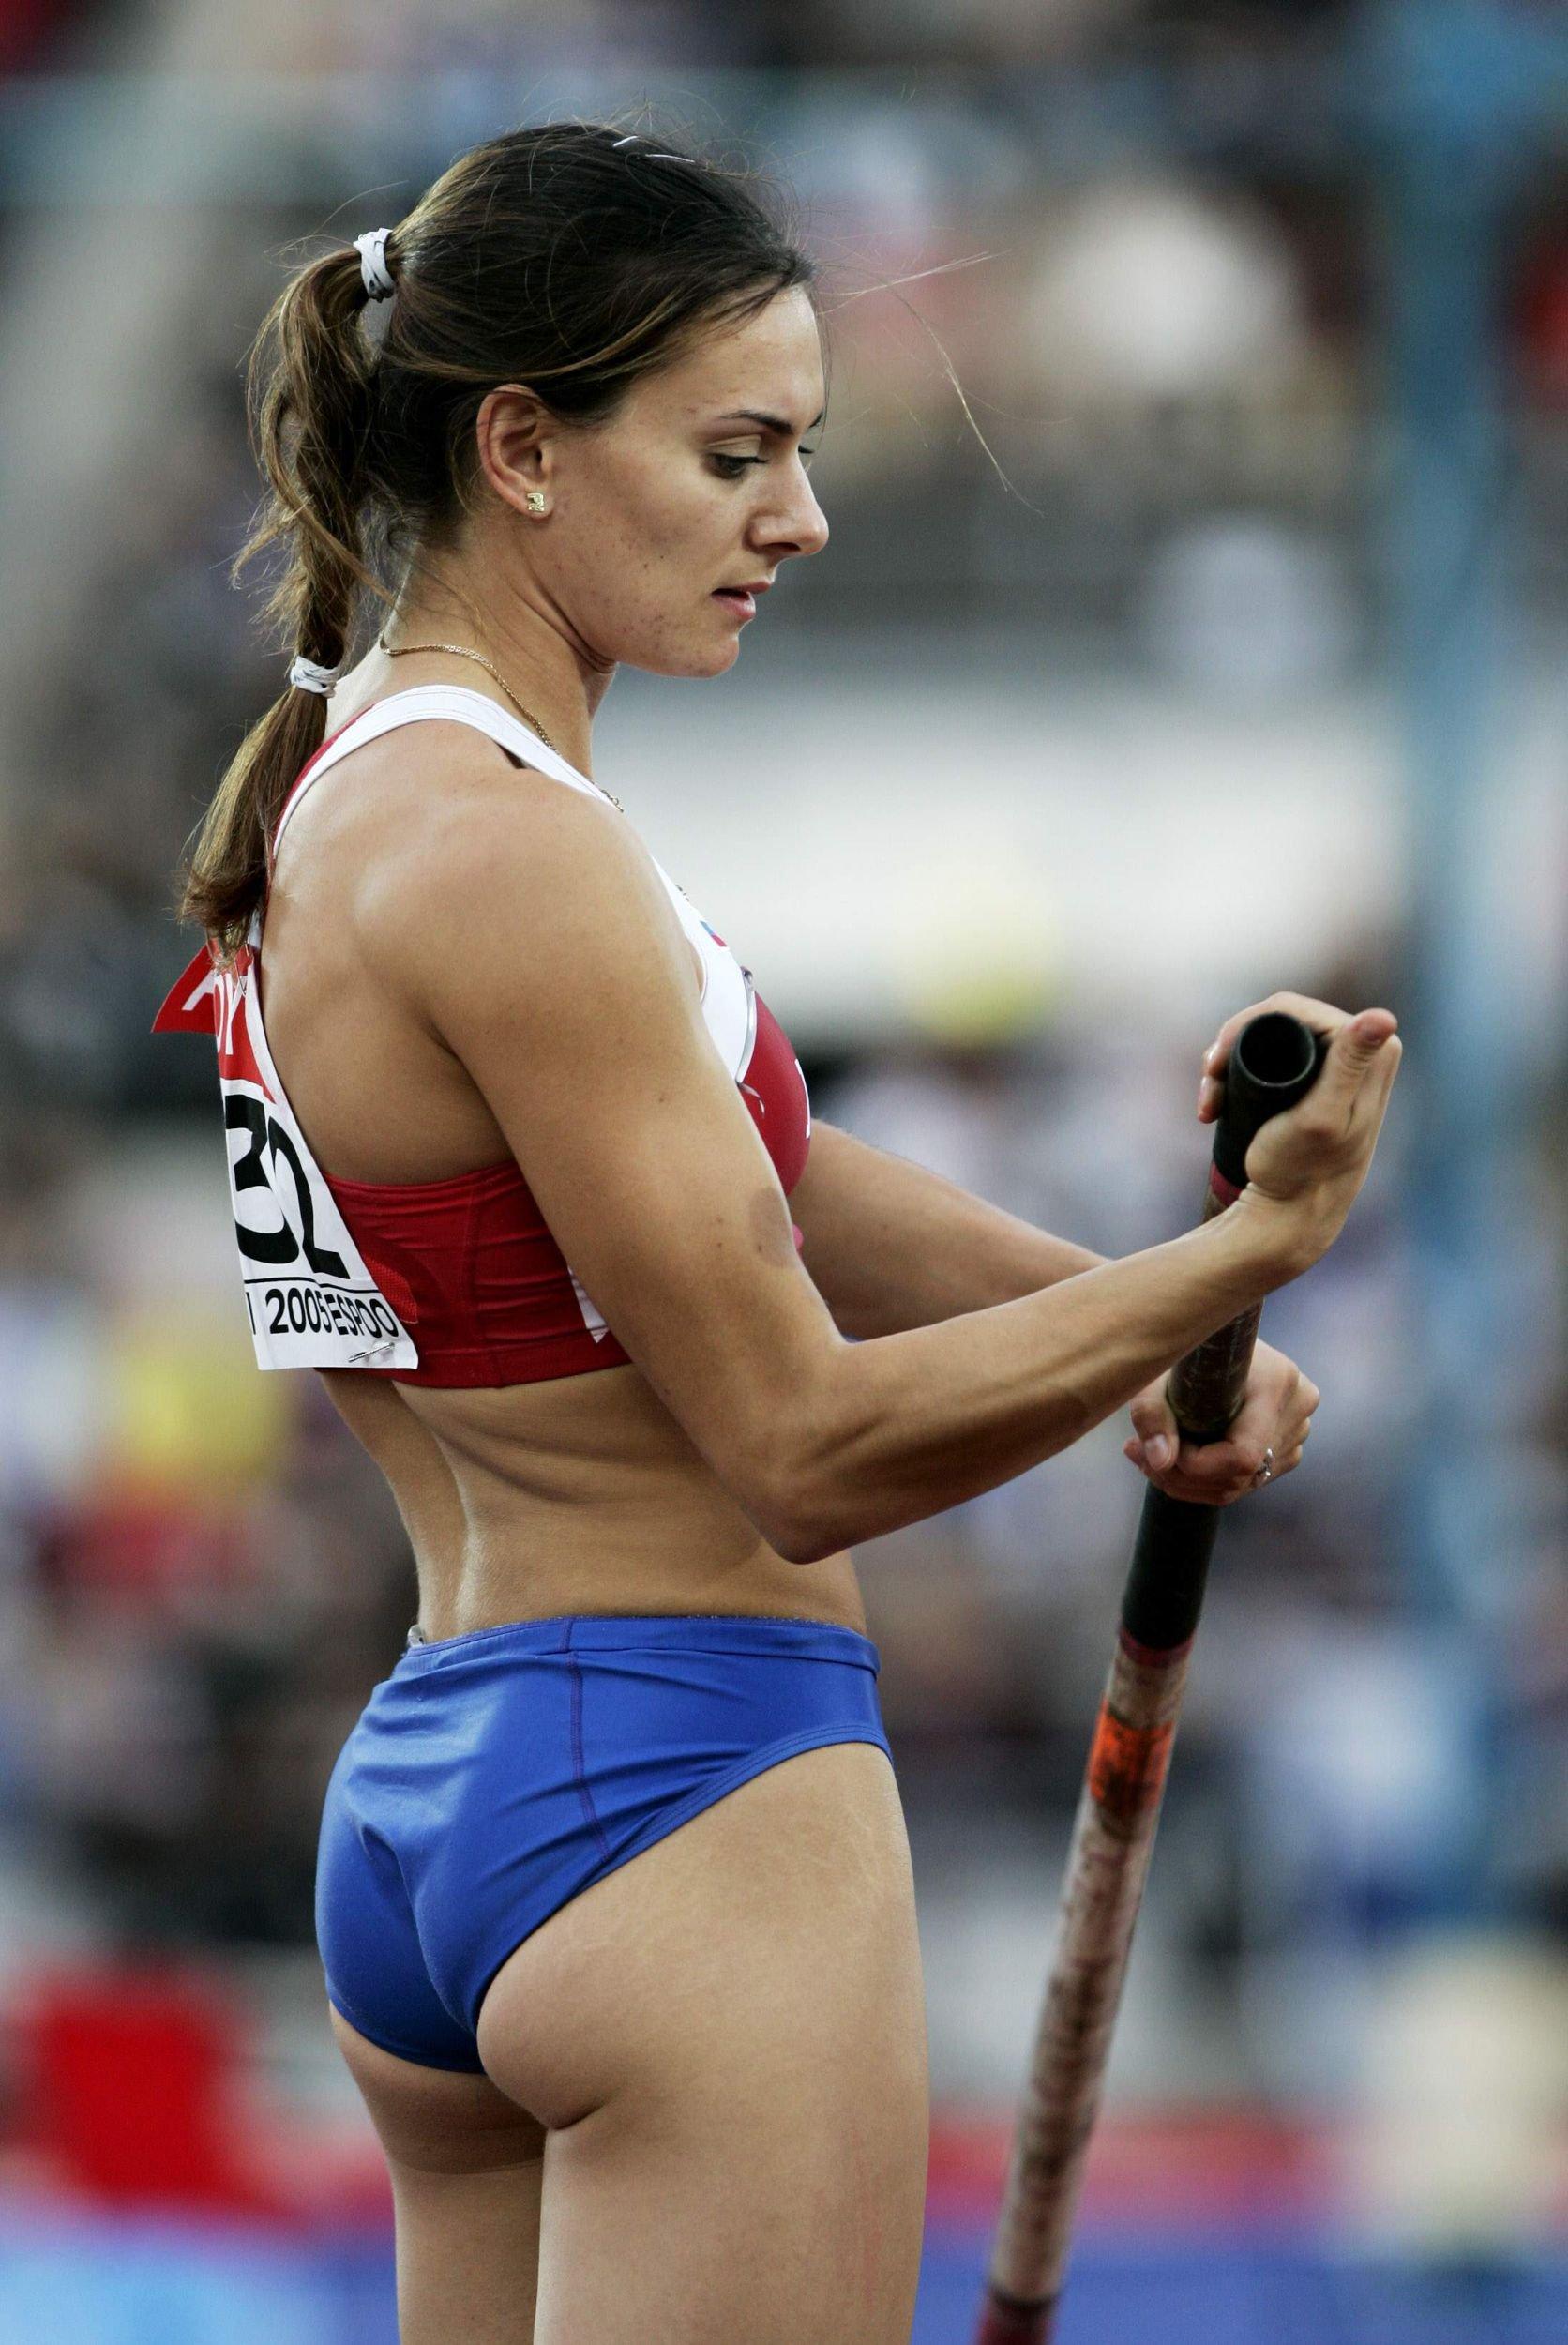 sportsmenka-pokazala-foto-baba-naklonilas-do-zemli-foto